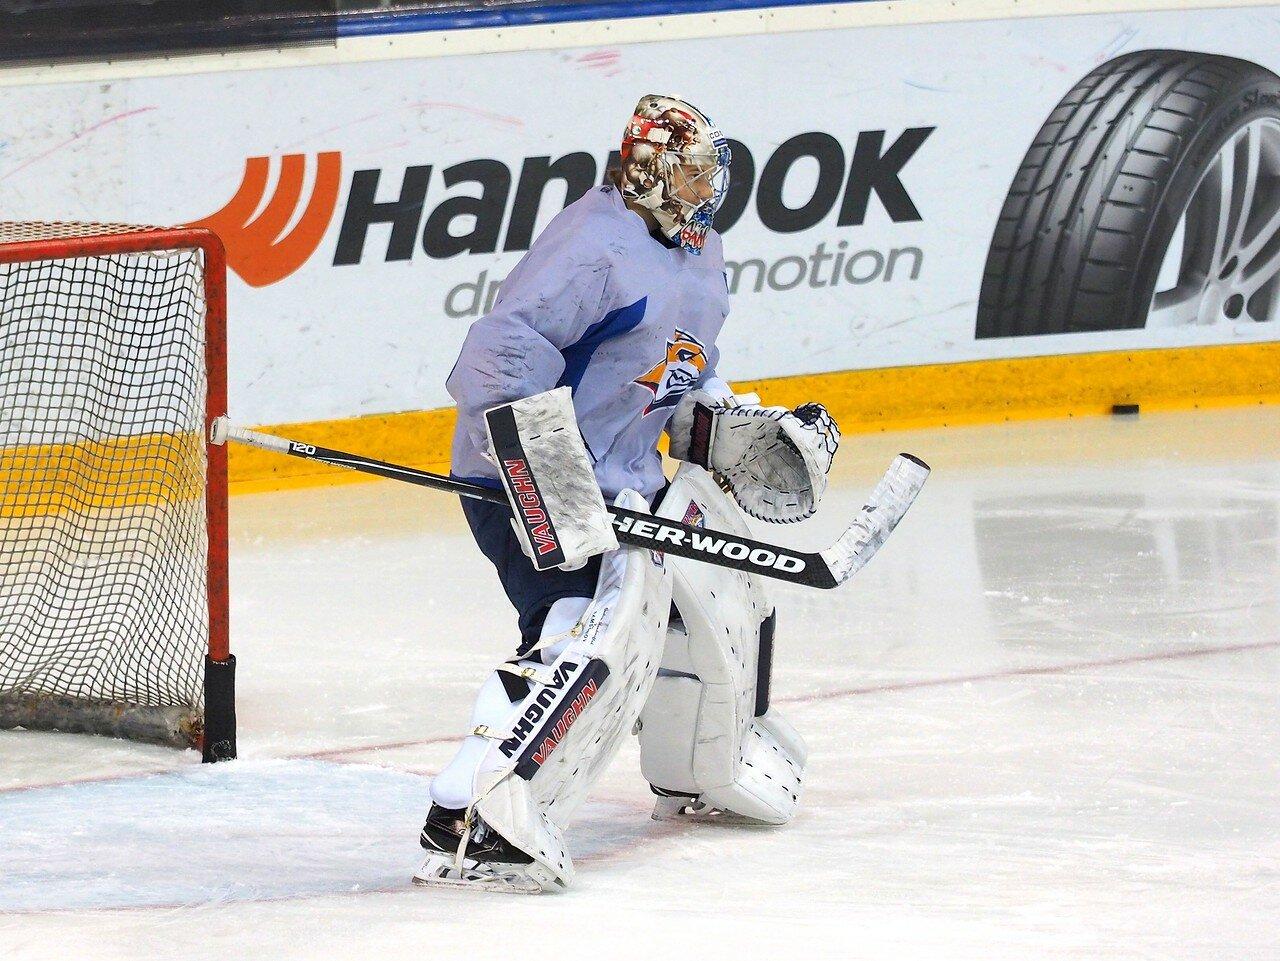 16 Открытая тренировка перед финалом плей-офф восточной конференции КХЛ 2017 22.03.2017